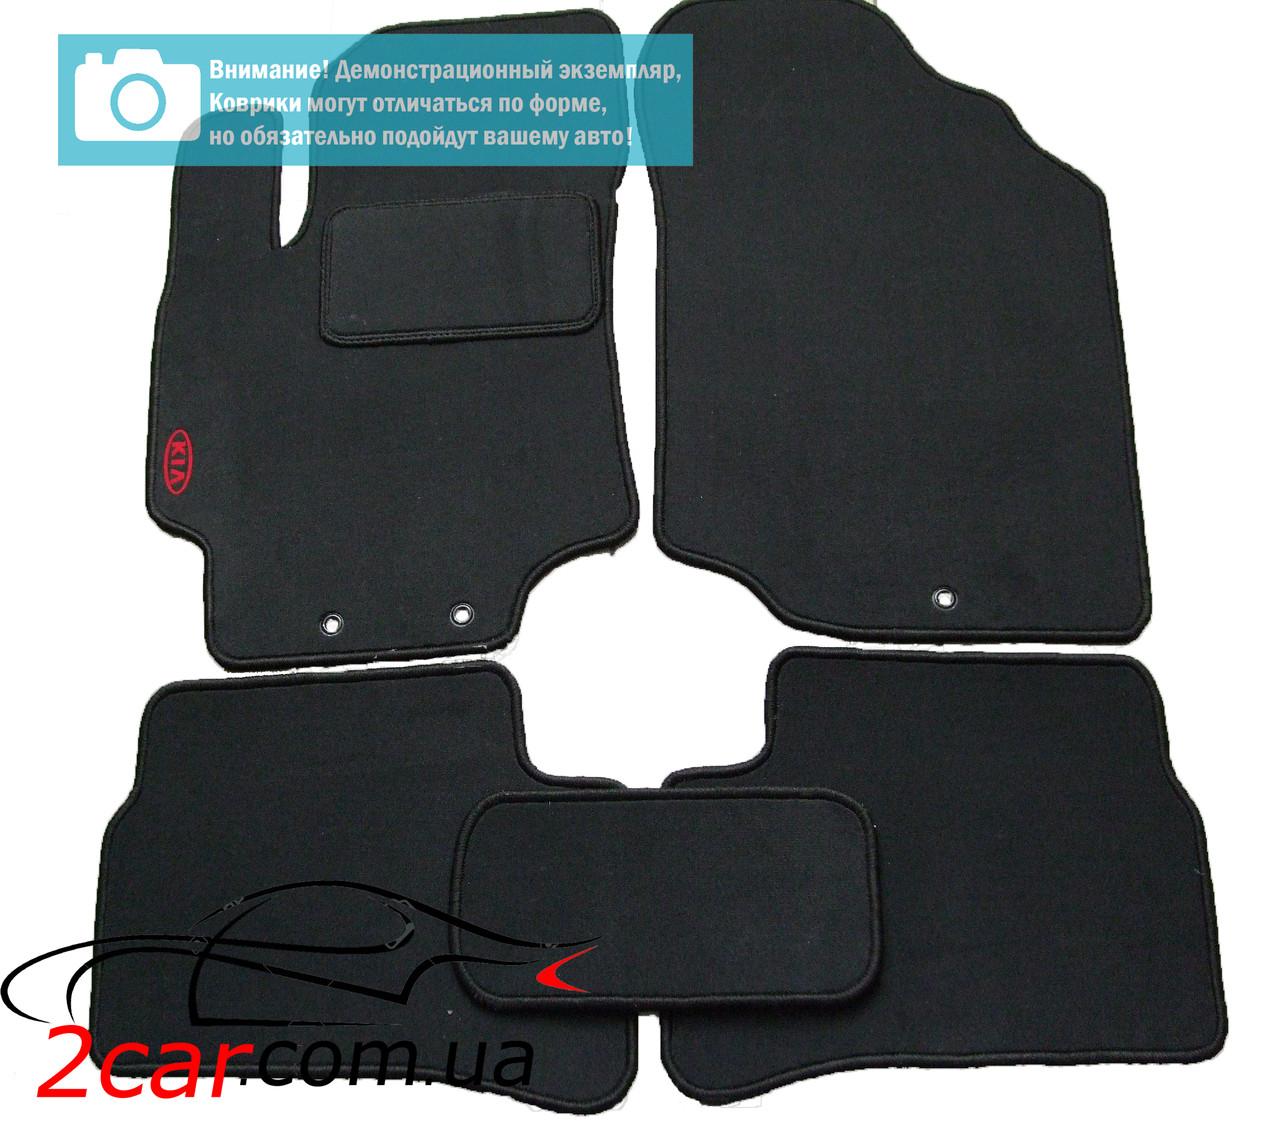 Текстильные коврики в салон для Subaru Forester (2002-2008) (серые) (S